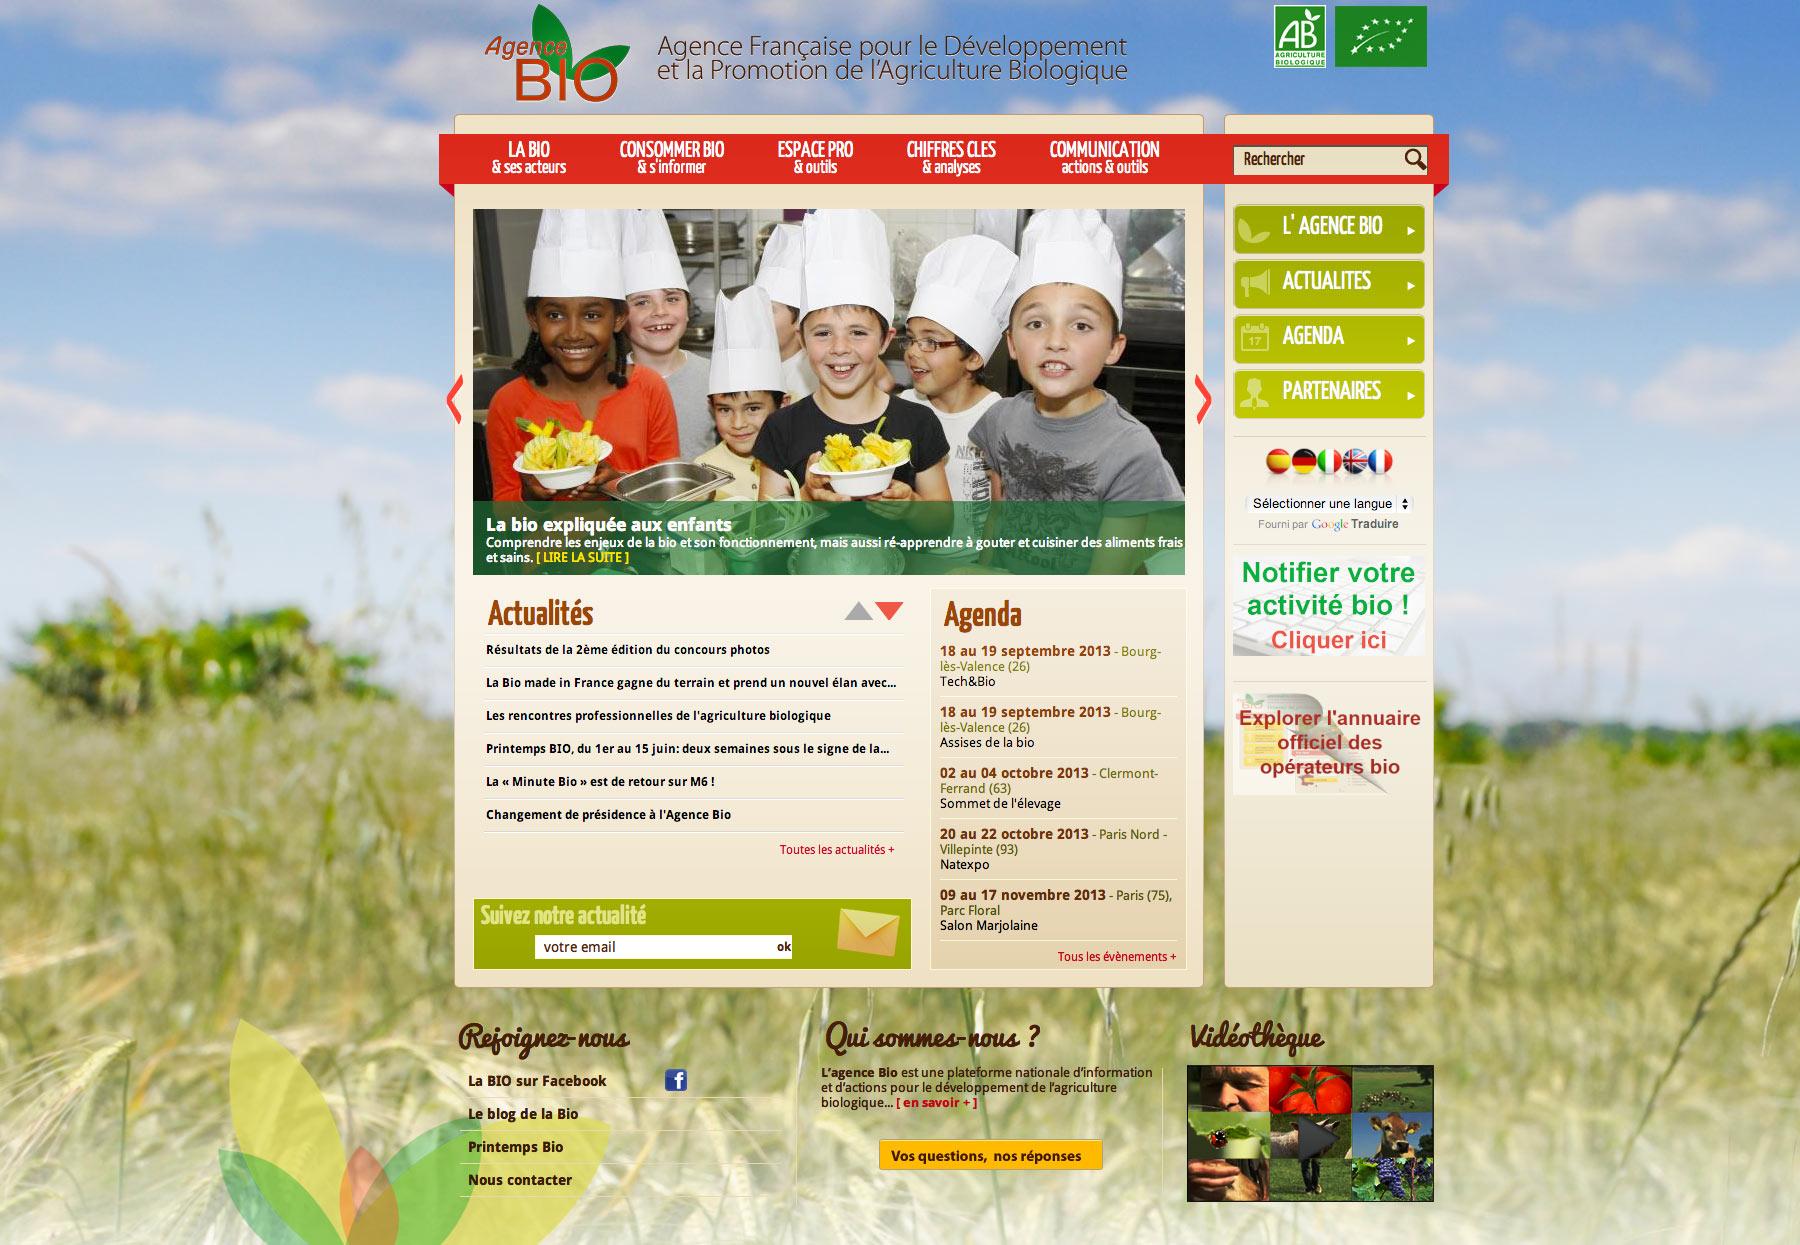 L'agence Bio : l'agence française pour le développement et la promotion de l'agriculture biologique.